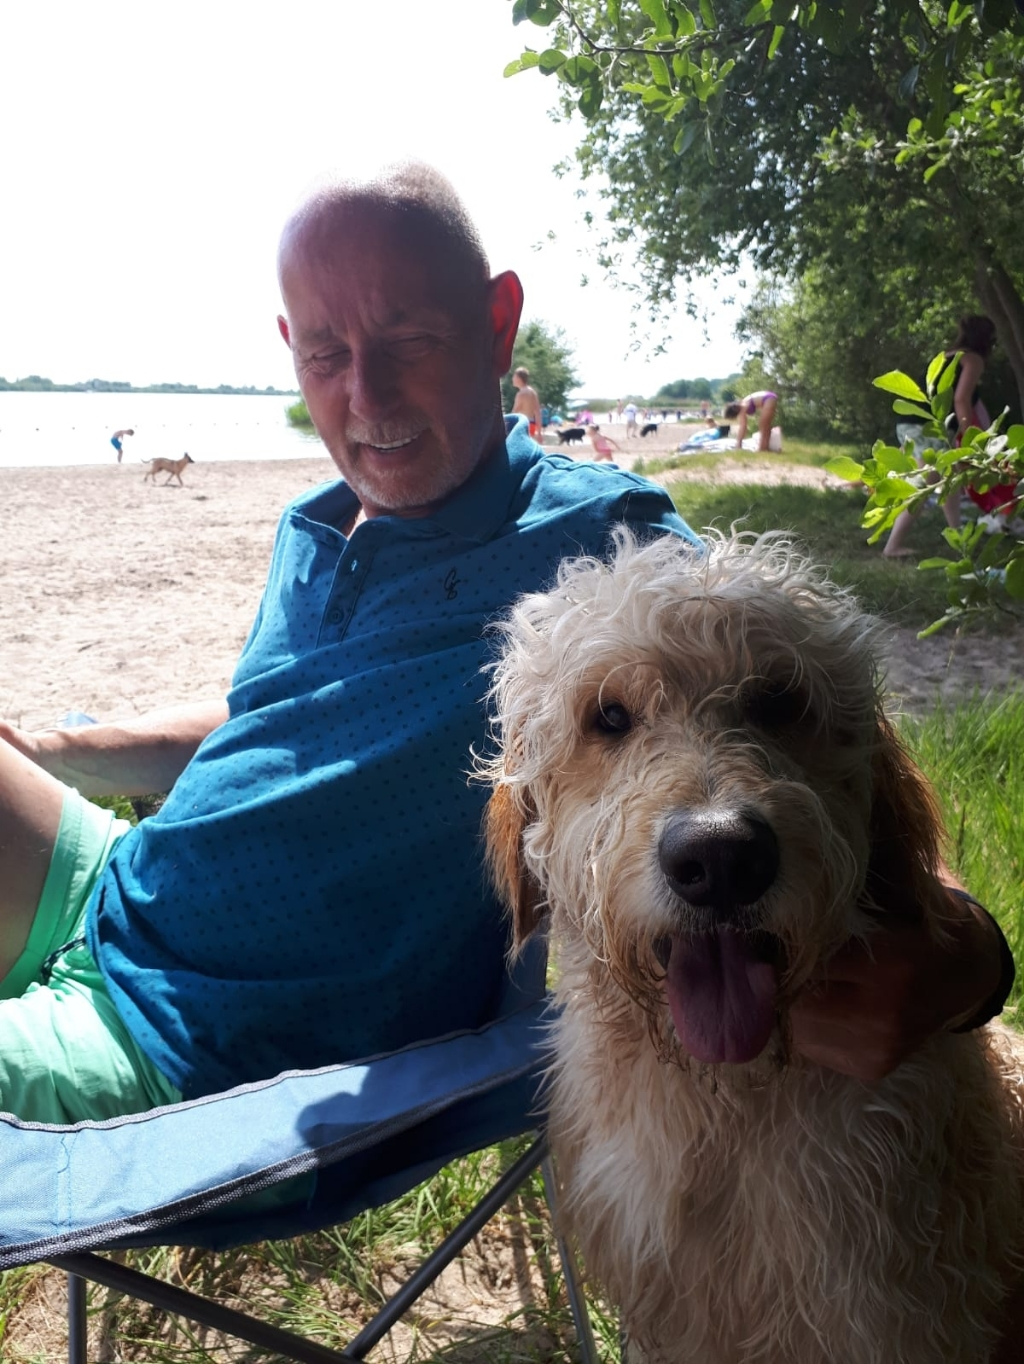 Een dagje hondenstrand in Nijkerk: het baasje met Buddy op 22 juni. JaapenTrees © BDU media